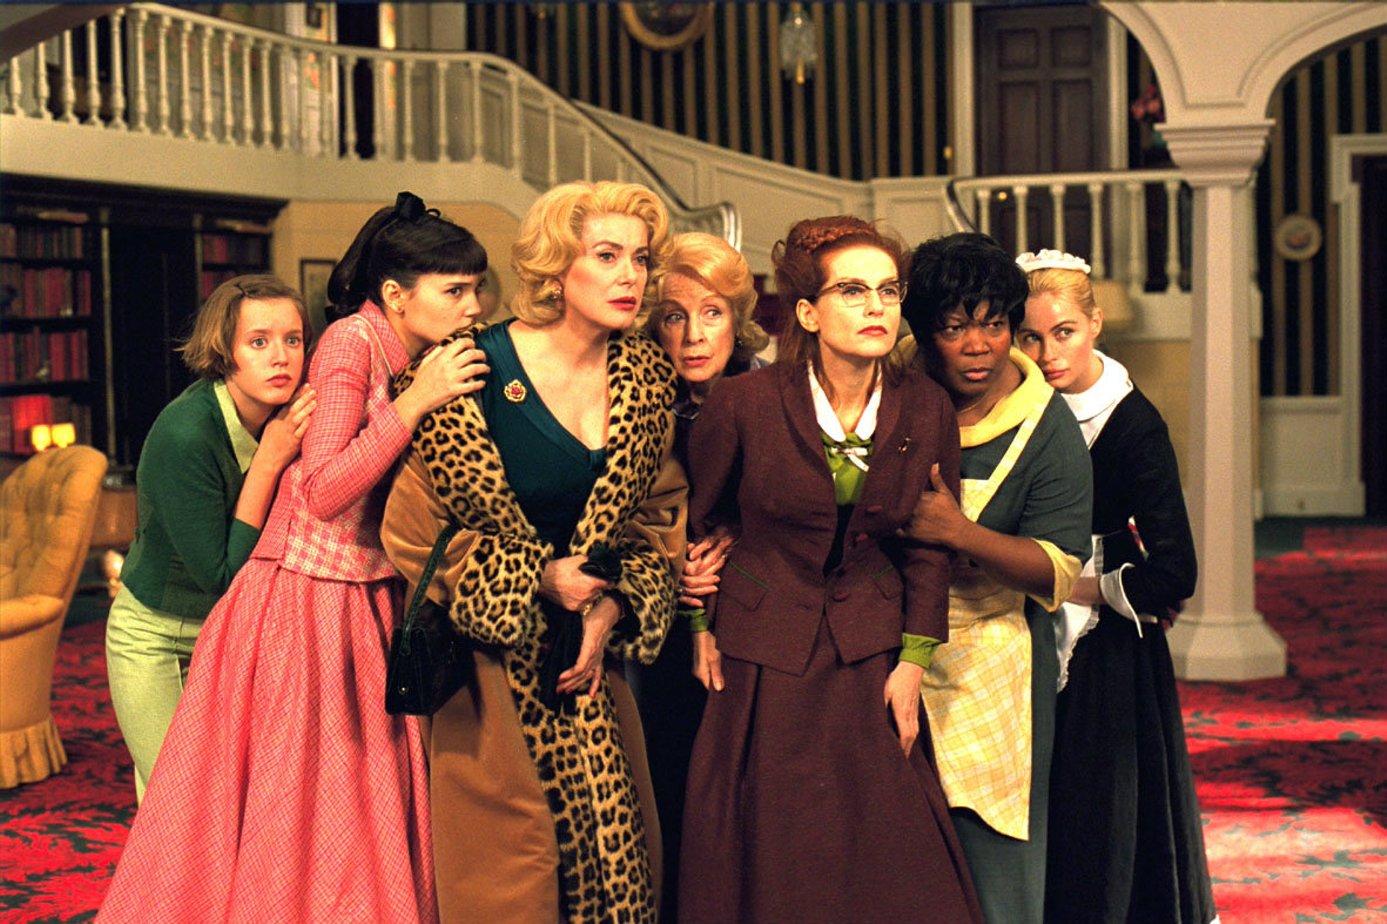 8 женщин (Huit femmes, 2002